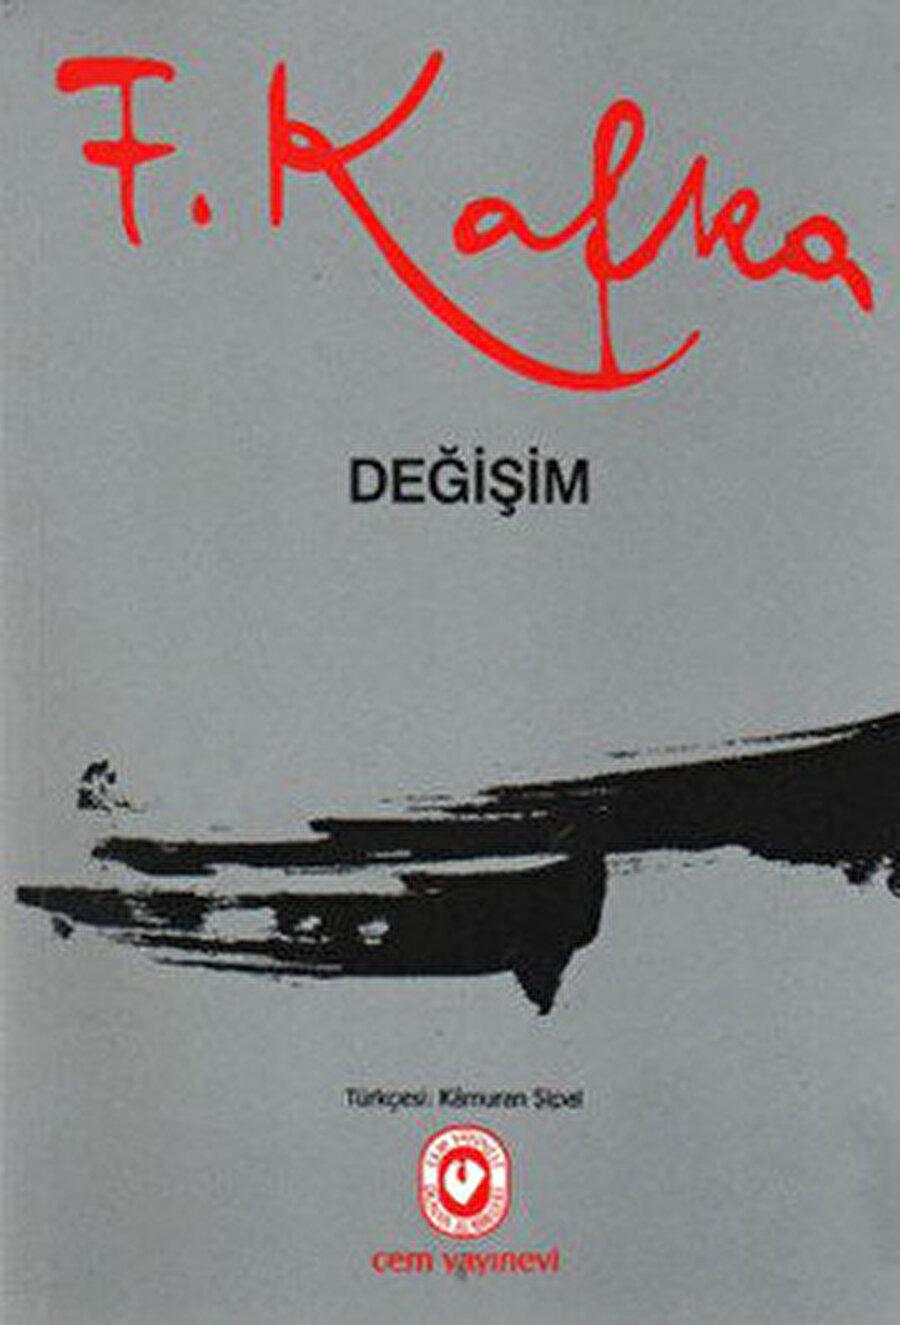 K., Kafka'nın diğer kahramanlarından farklıdır. Ayrı bir deneyin adamıdır K.. Kafka âdeta Değişim'in hamam böceğine dönüşen Gregor Samsa'sında kendini bırakmak, irade göstermemek ve karşı çıkmamayı denemiştir, toplum karşısında.